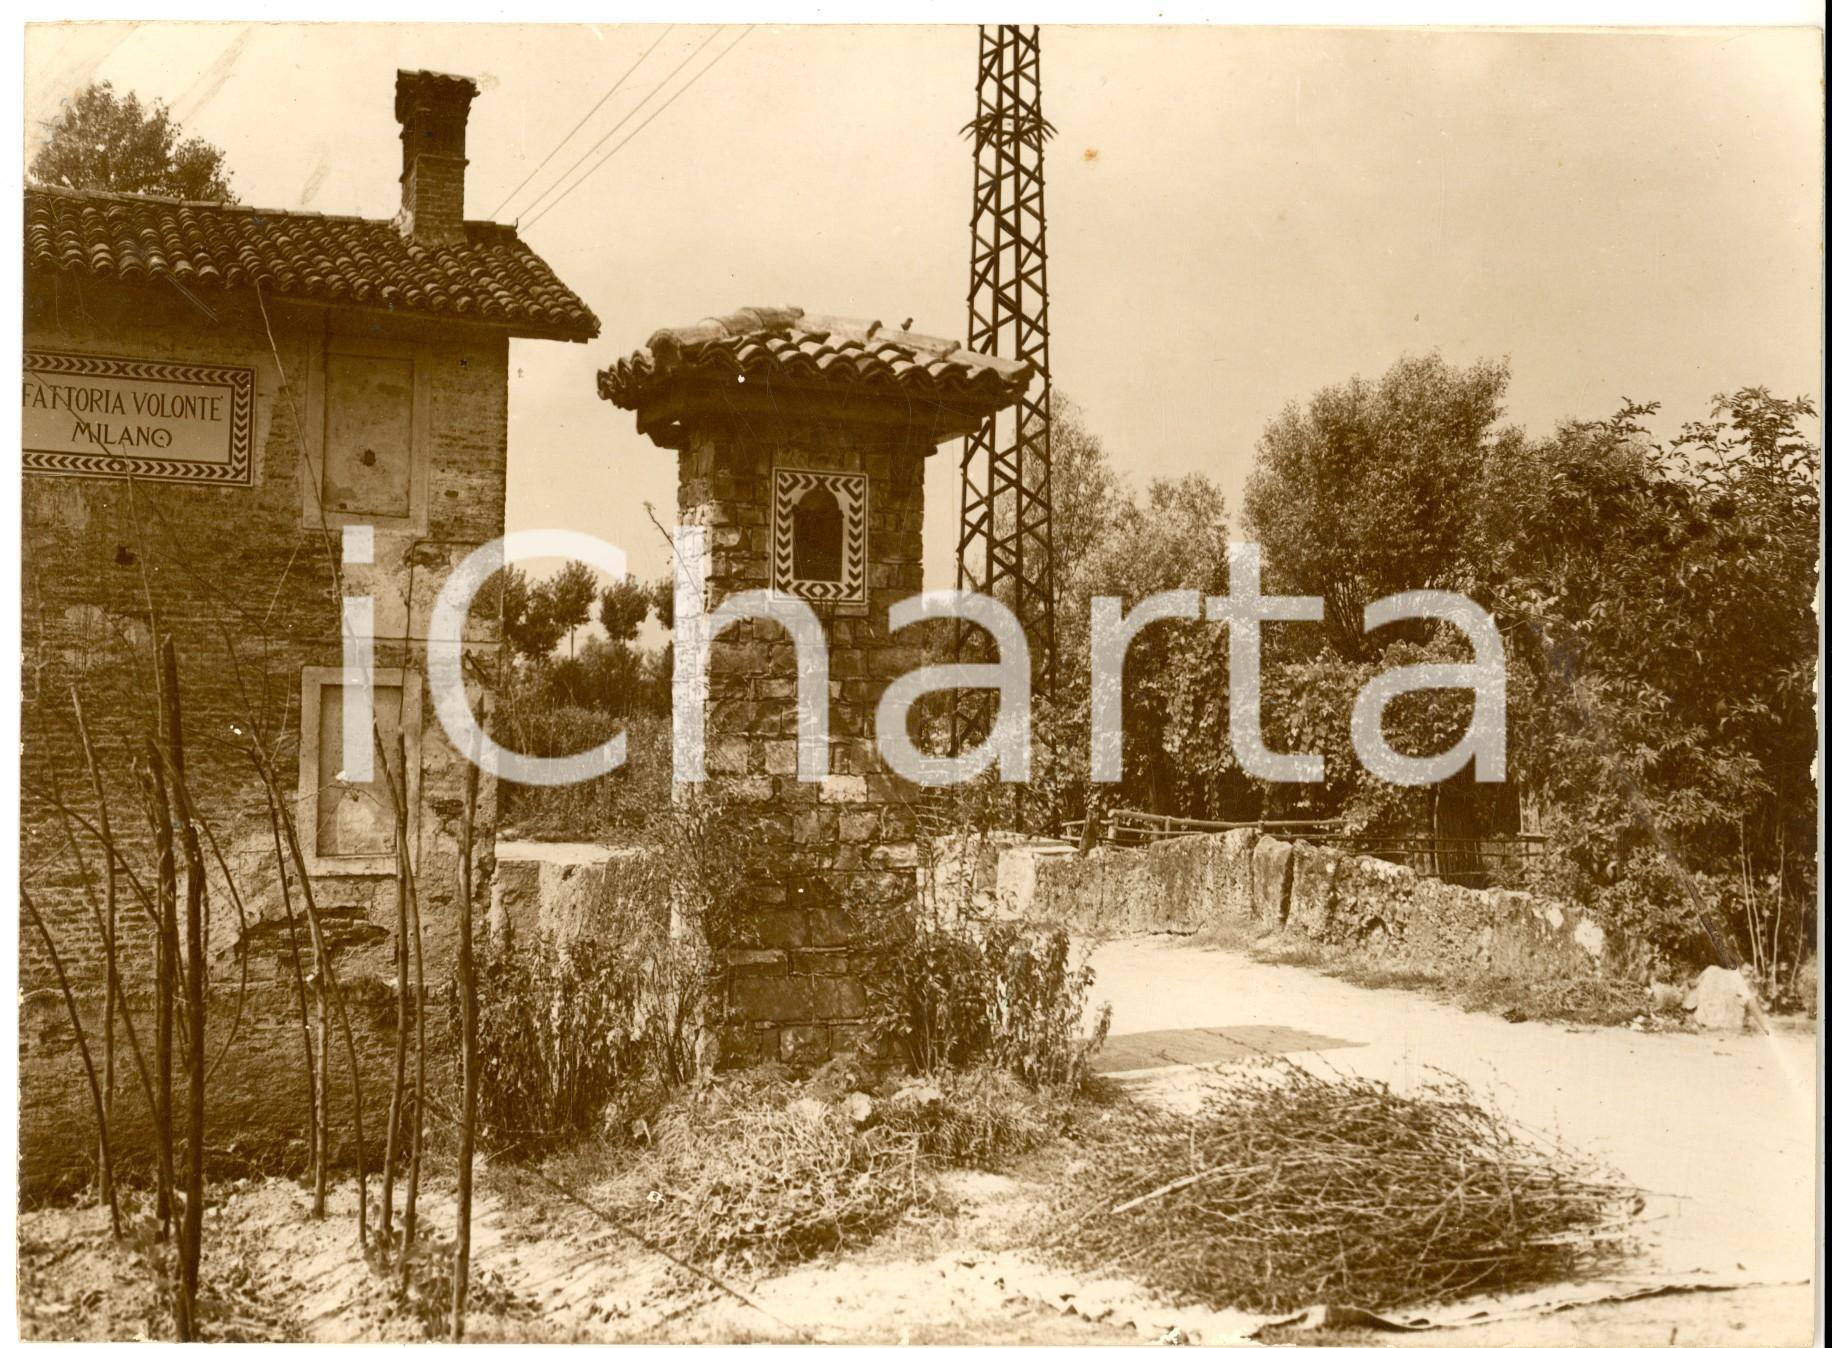 1930 ca BORGOLOMBARDO Scorcio della nuova fattoria VOLONTE' - Foto 24x18 cm